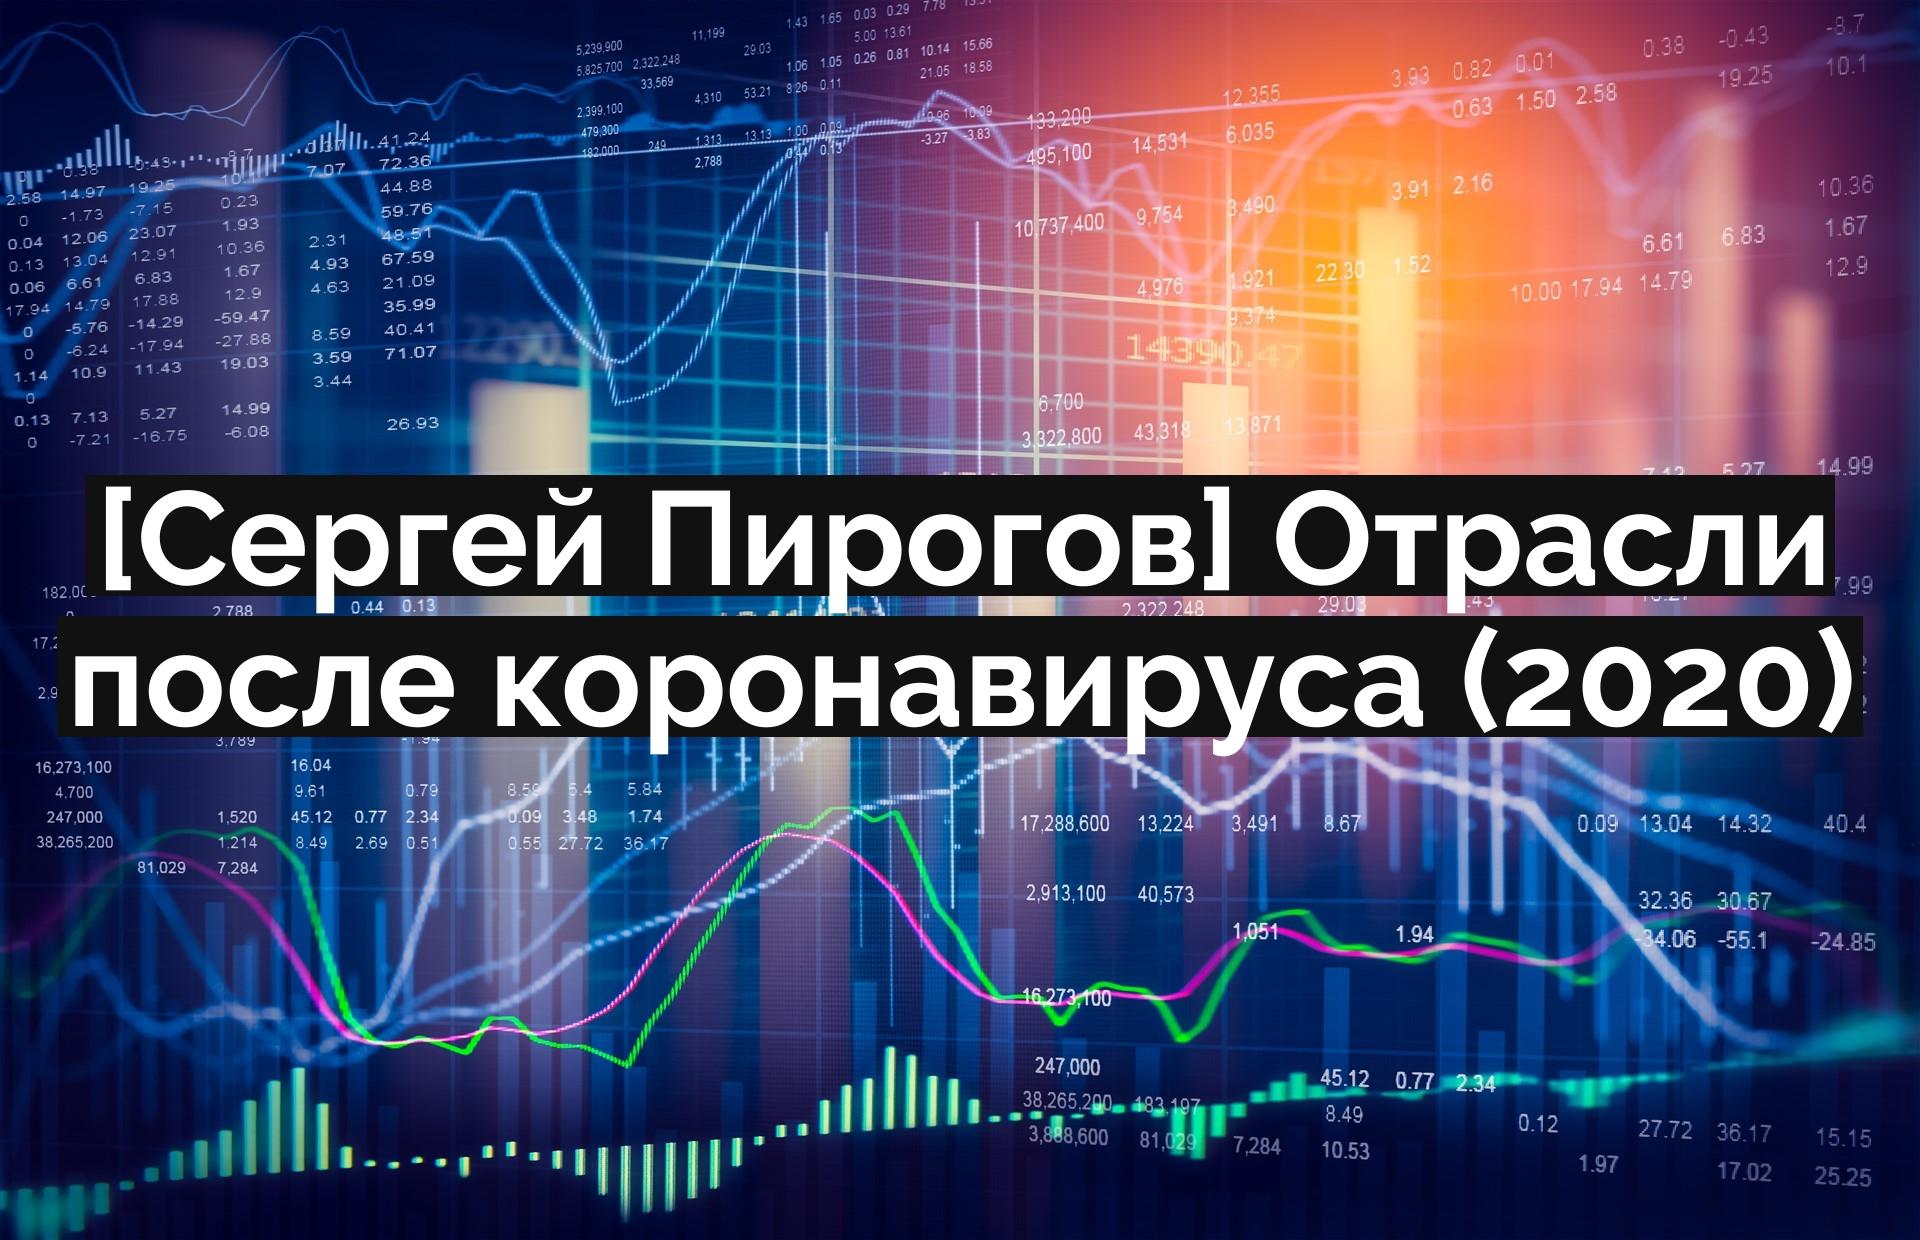 [Сергей Пирогов] Отрасли после коронавируса (2020)